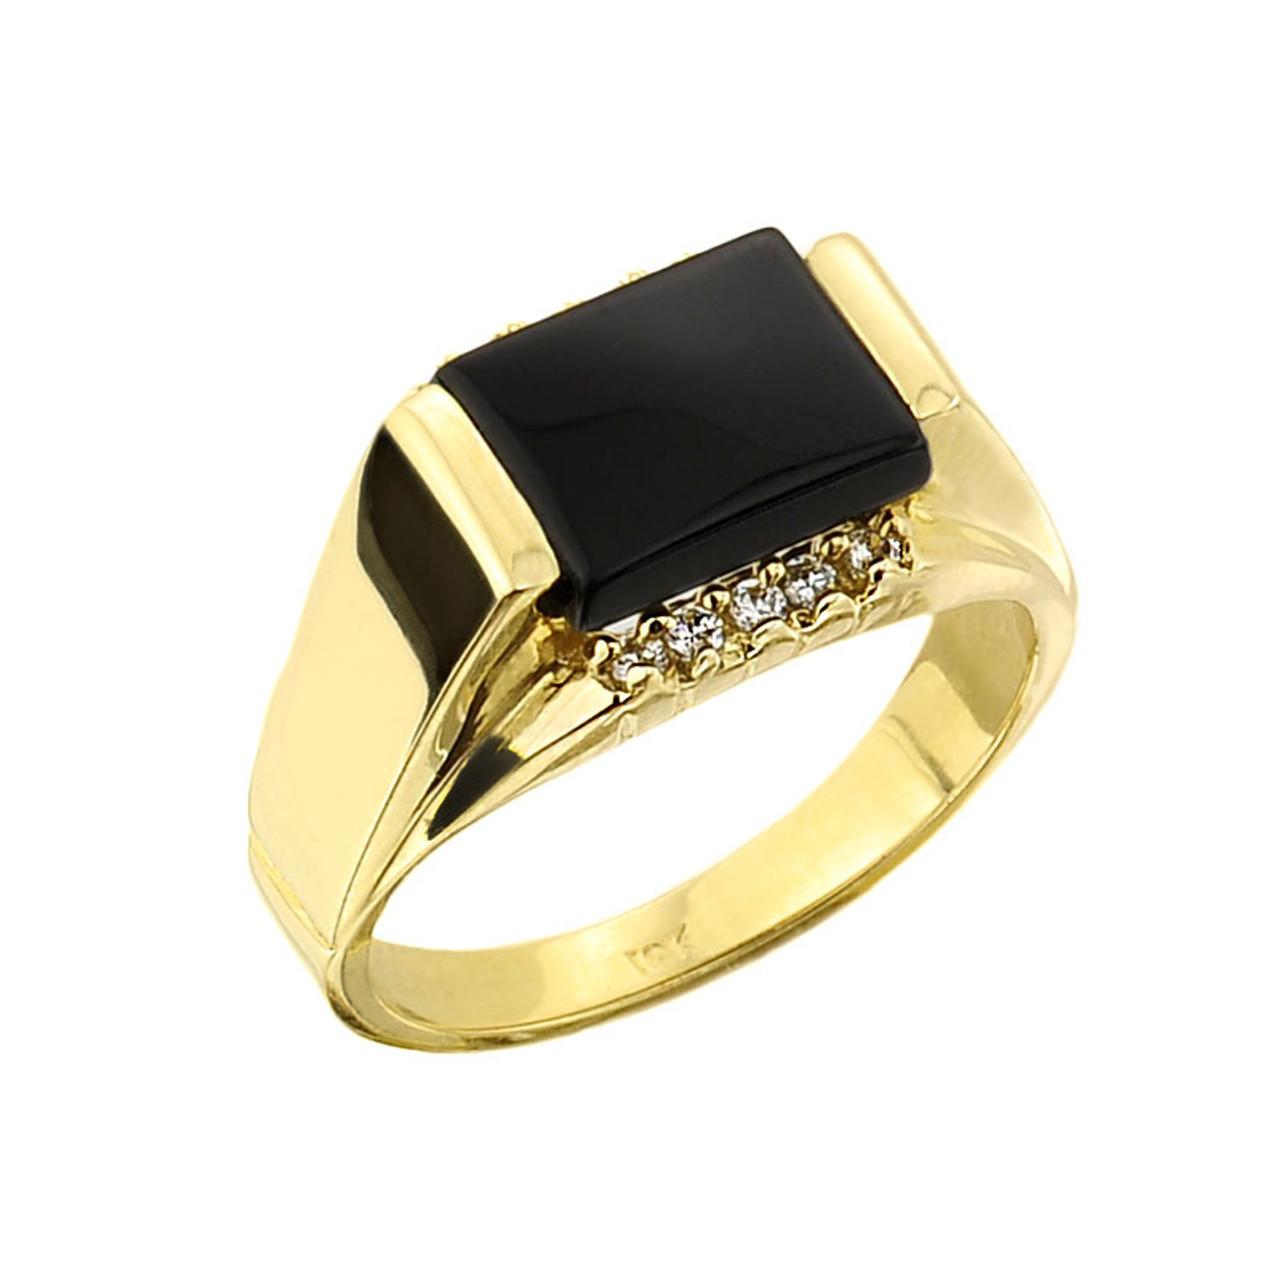 men 39 s gold black onyx ring. Black Bedroom Furniture Sets. Home Design Ideas